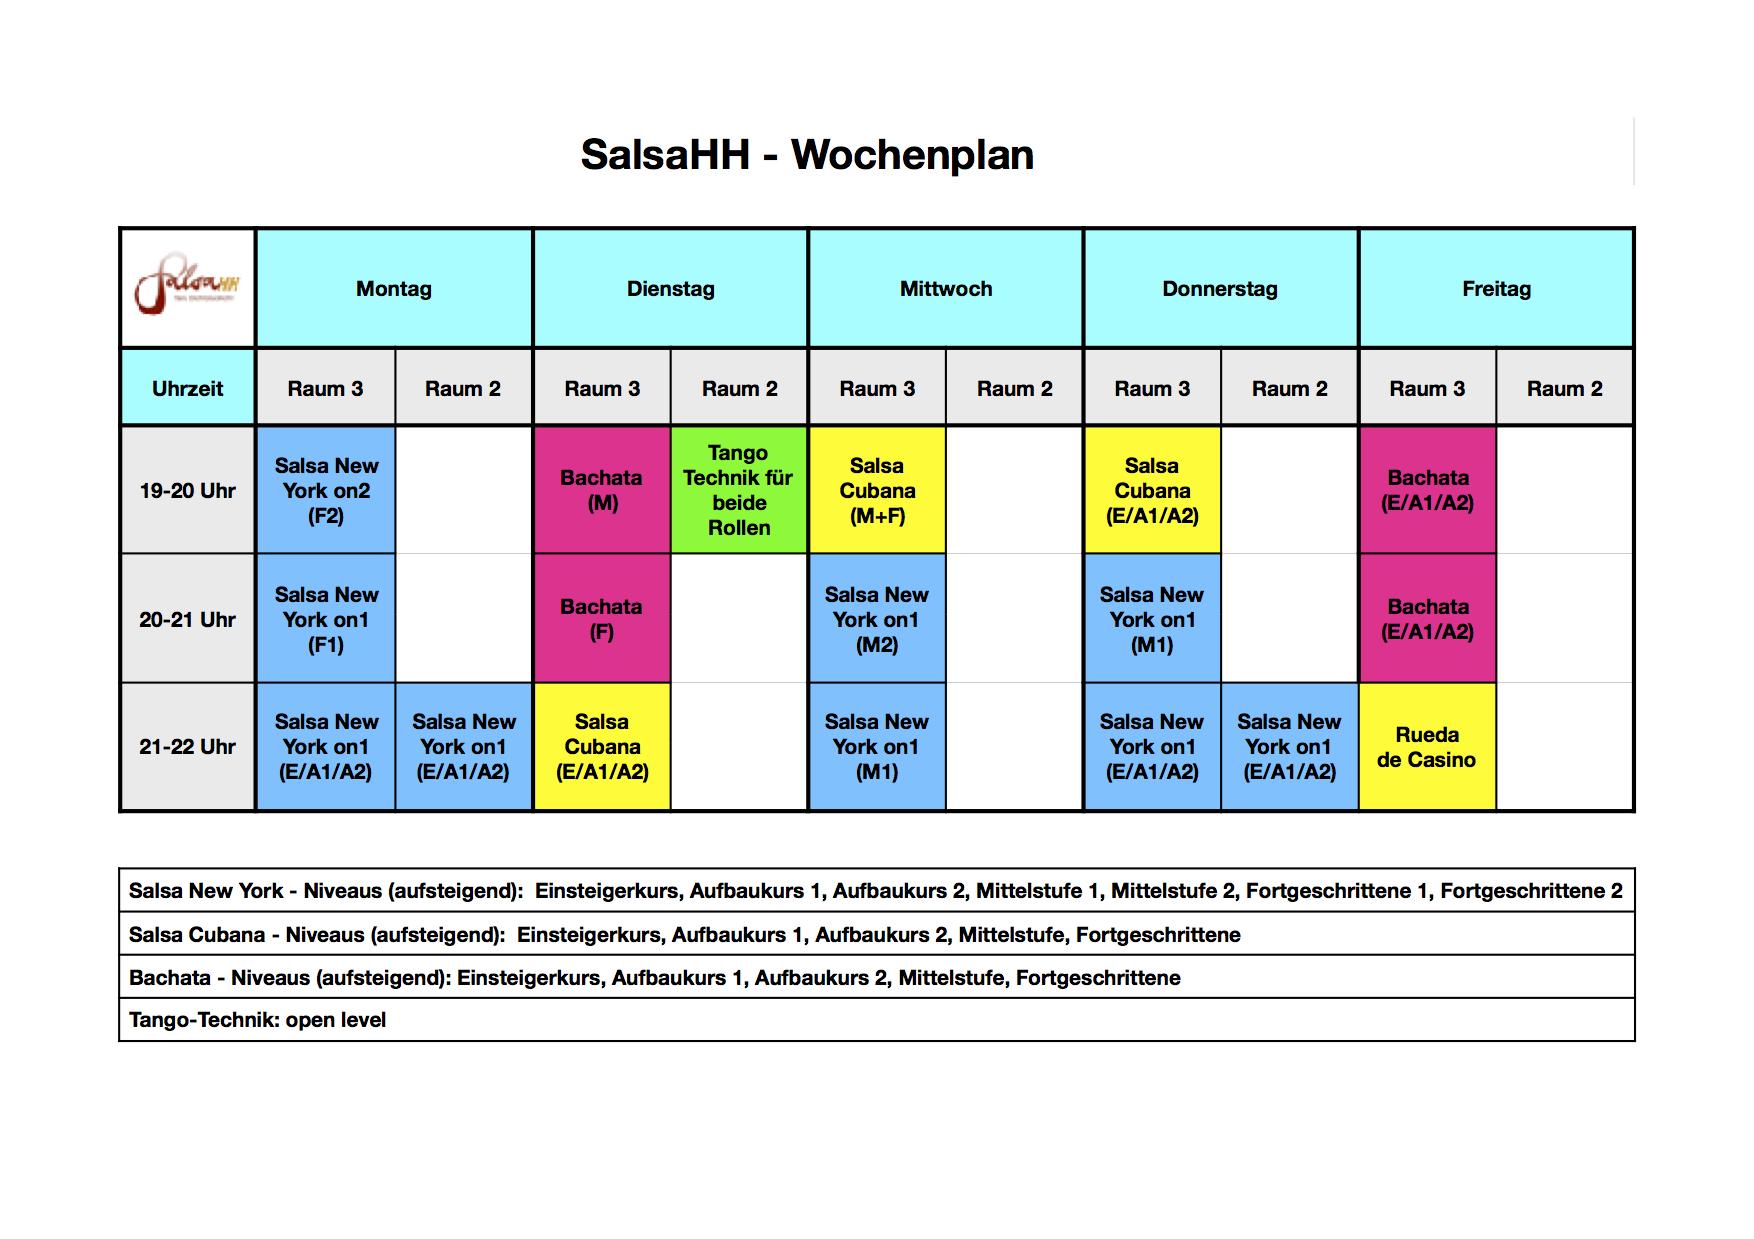 Grafik SalsaHH-Wochenplan (Stand 07.2021)